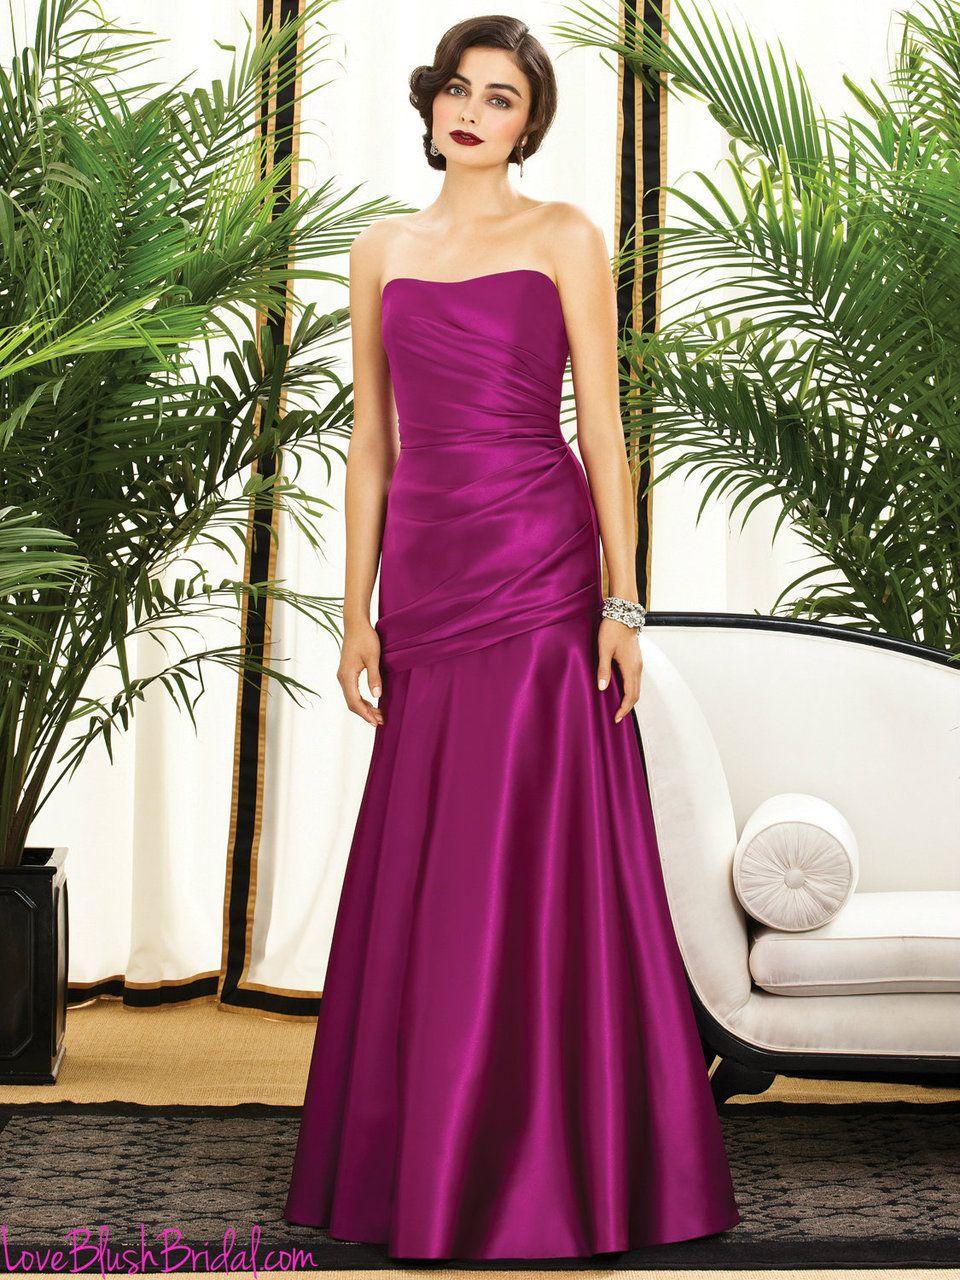 Dessy bridesmaid dress blush bridal and bridesmaid dress styles